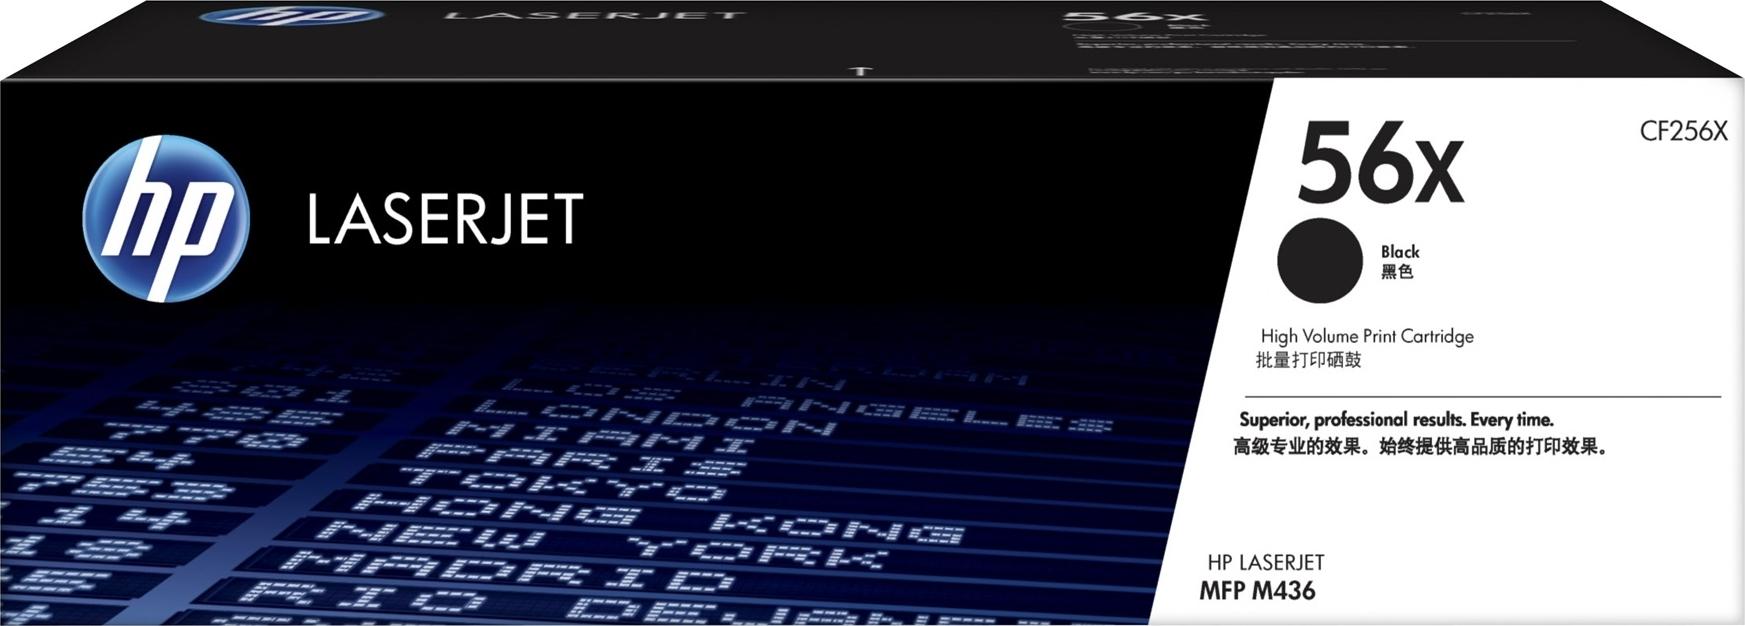 Купить Лазерный картридж HP 56X (CF256X) Black, 56X Black, Black (Черный), Китай